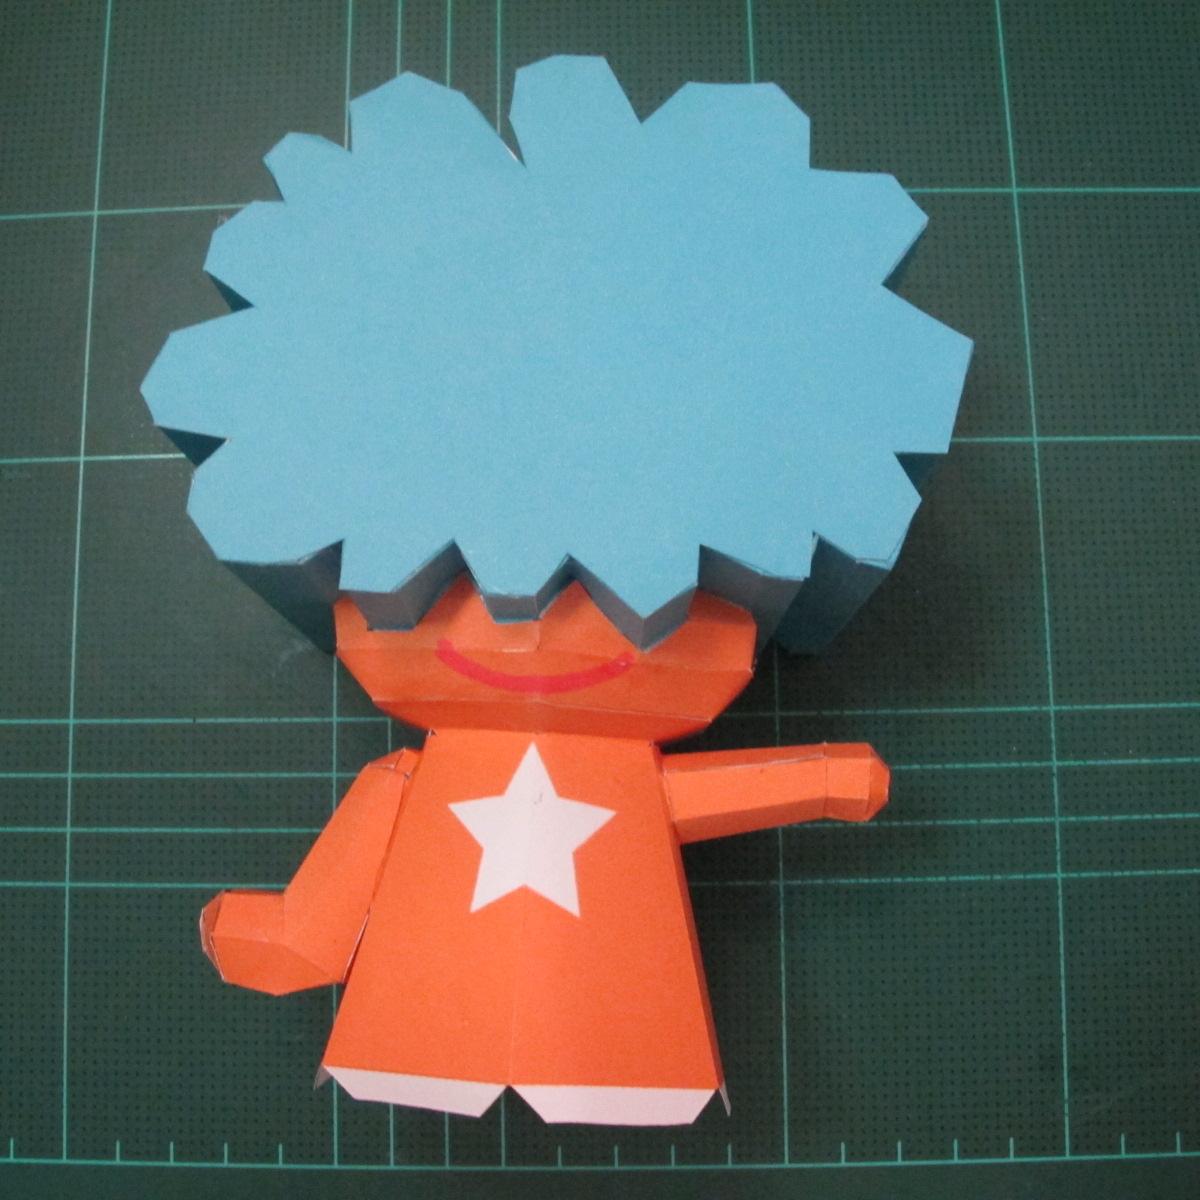 วิธีทำโมเดลกระดาษคุกกี้รัน คุกกี้รสเมฆ (Cookie Run Cloud Cookie  Papercraft Model) 008